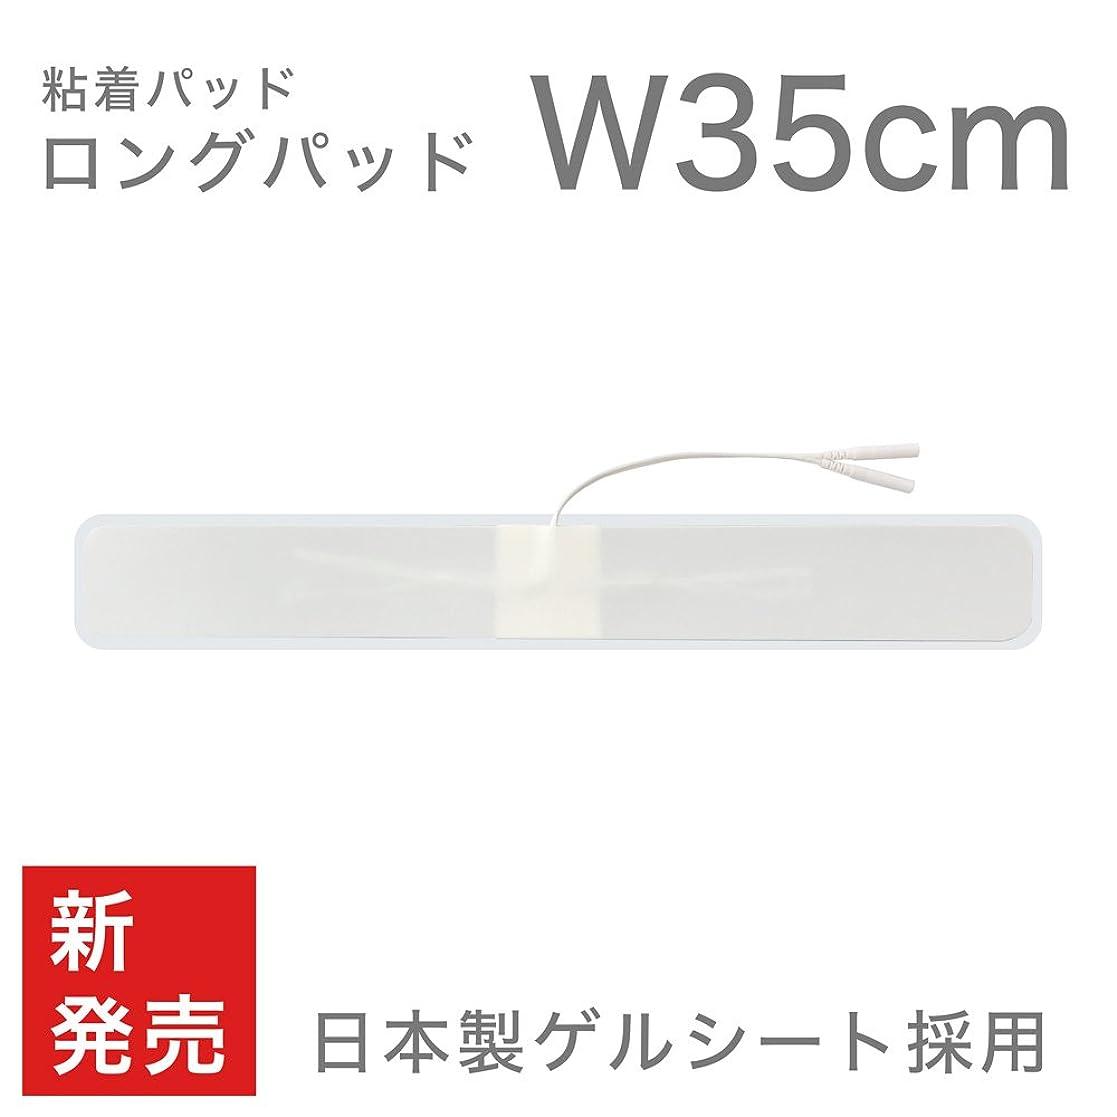 ふける傷跡ペンフレンドTOP TOUCH 粘着パッド ロングパッド 4x35cm【日本製高品質ゲルシート採用】